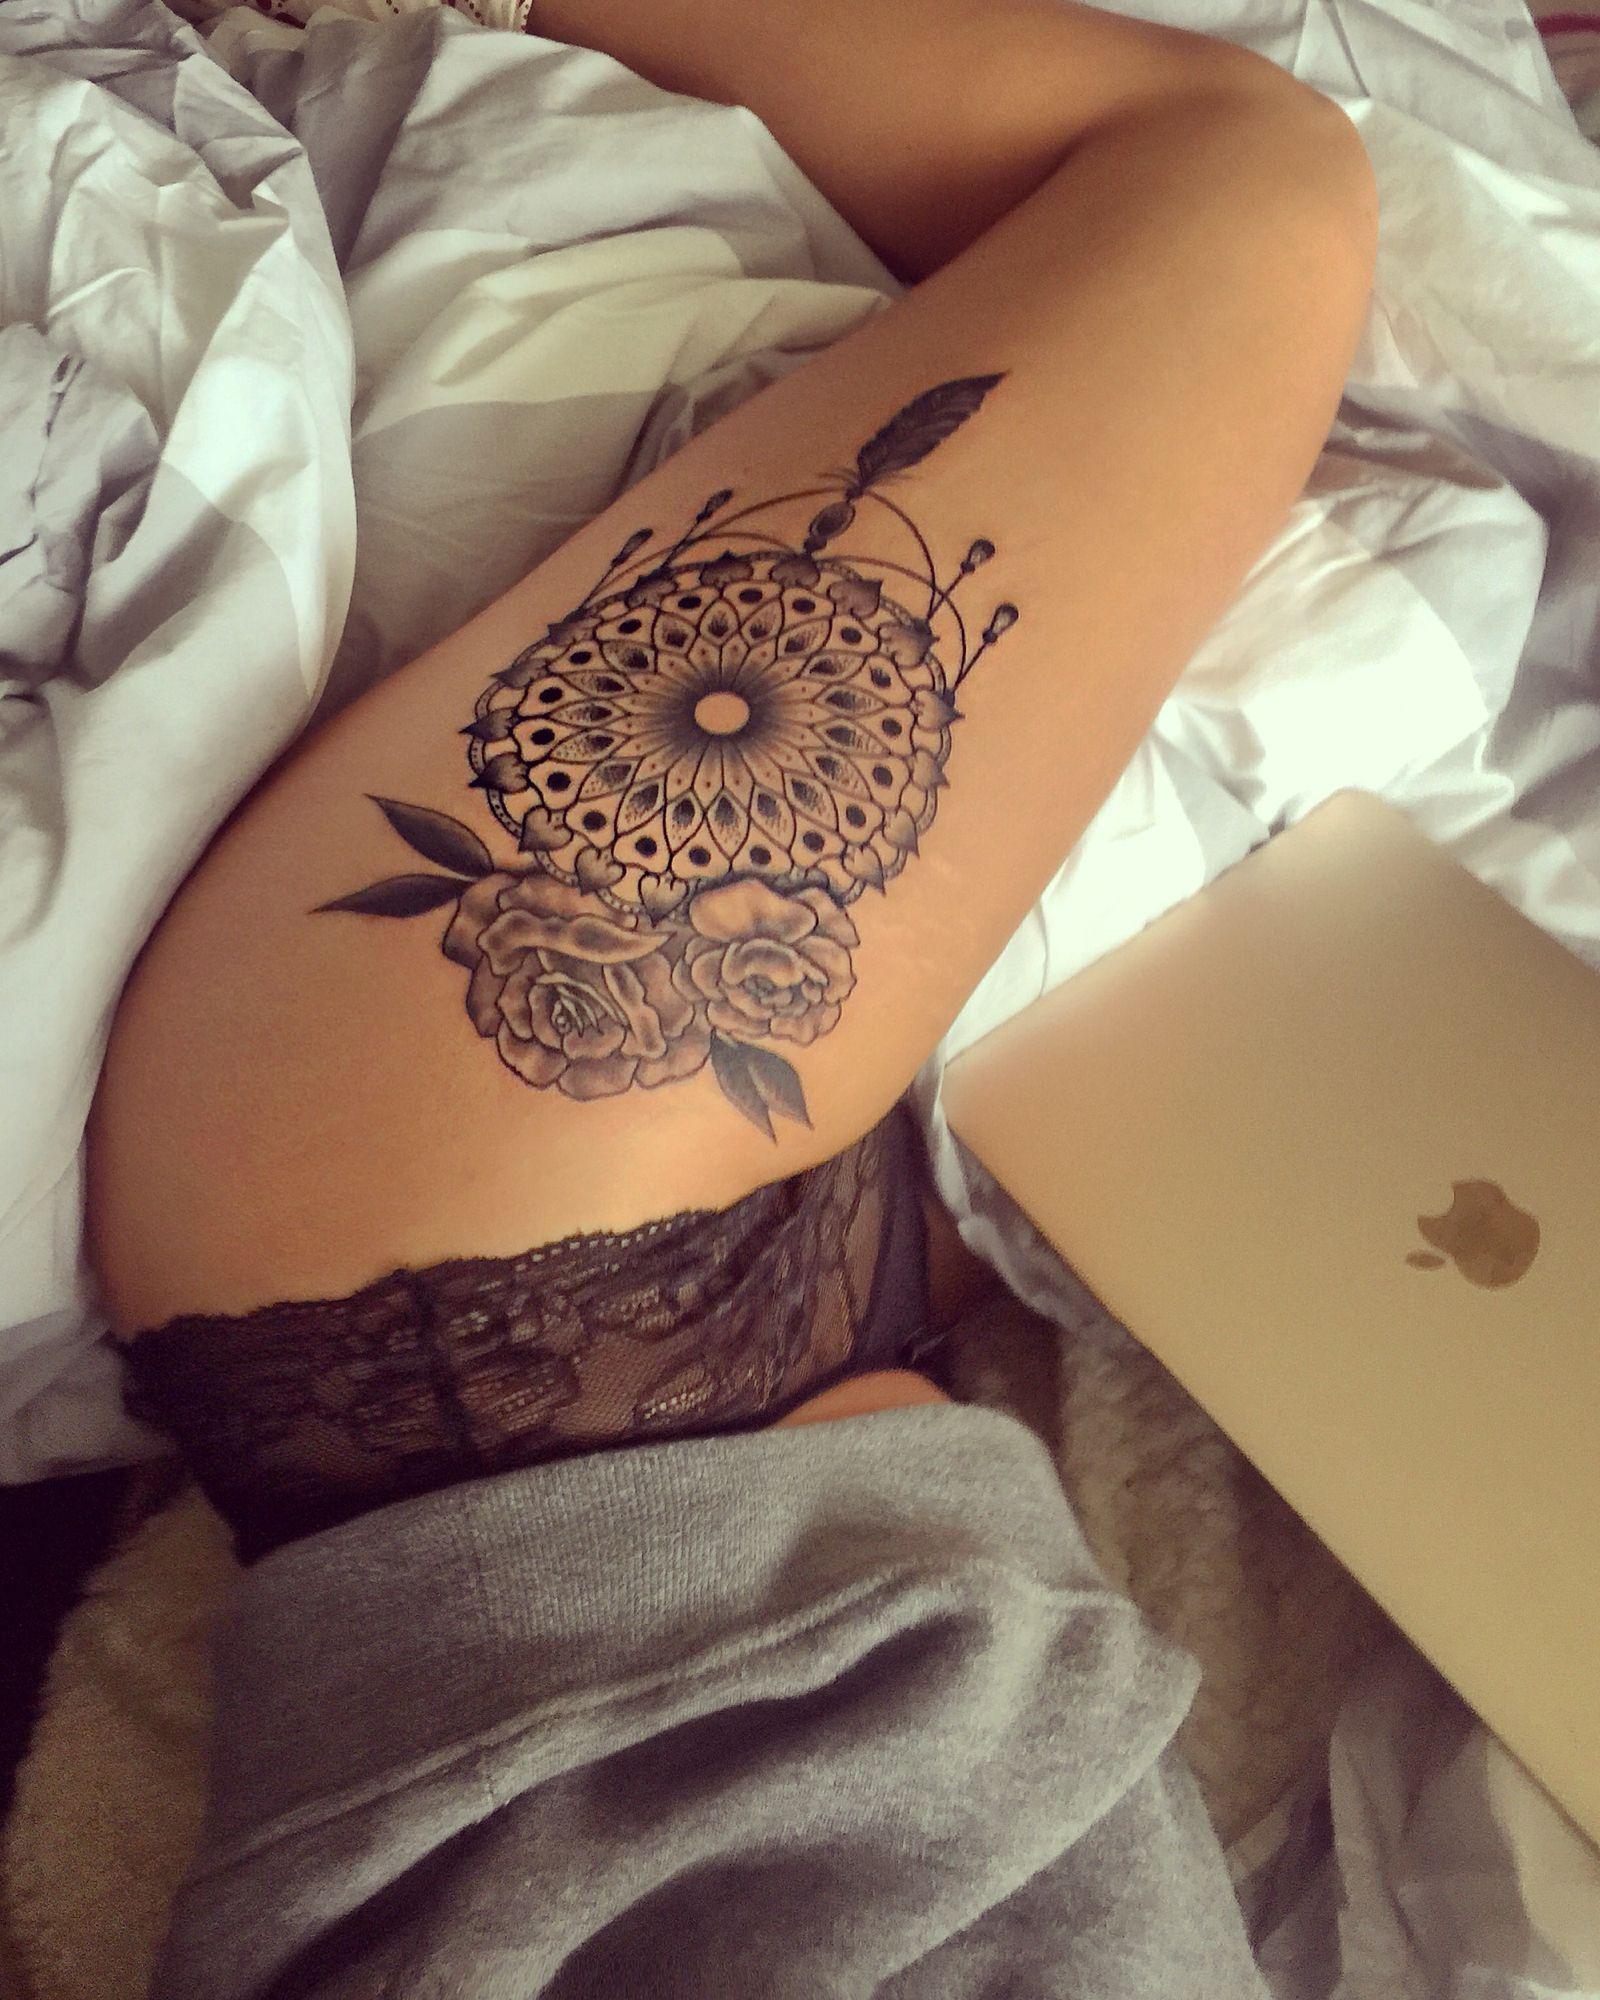 644d26ecbd572 Hiptattoo #mandala #dreamcatcher #roses #tattoo #hiptattoo | Tattoos ...